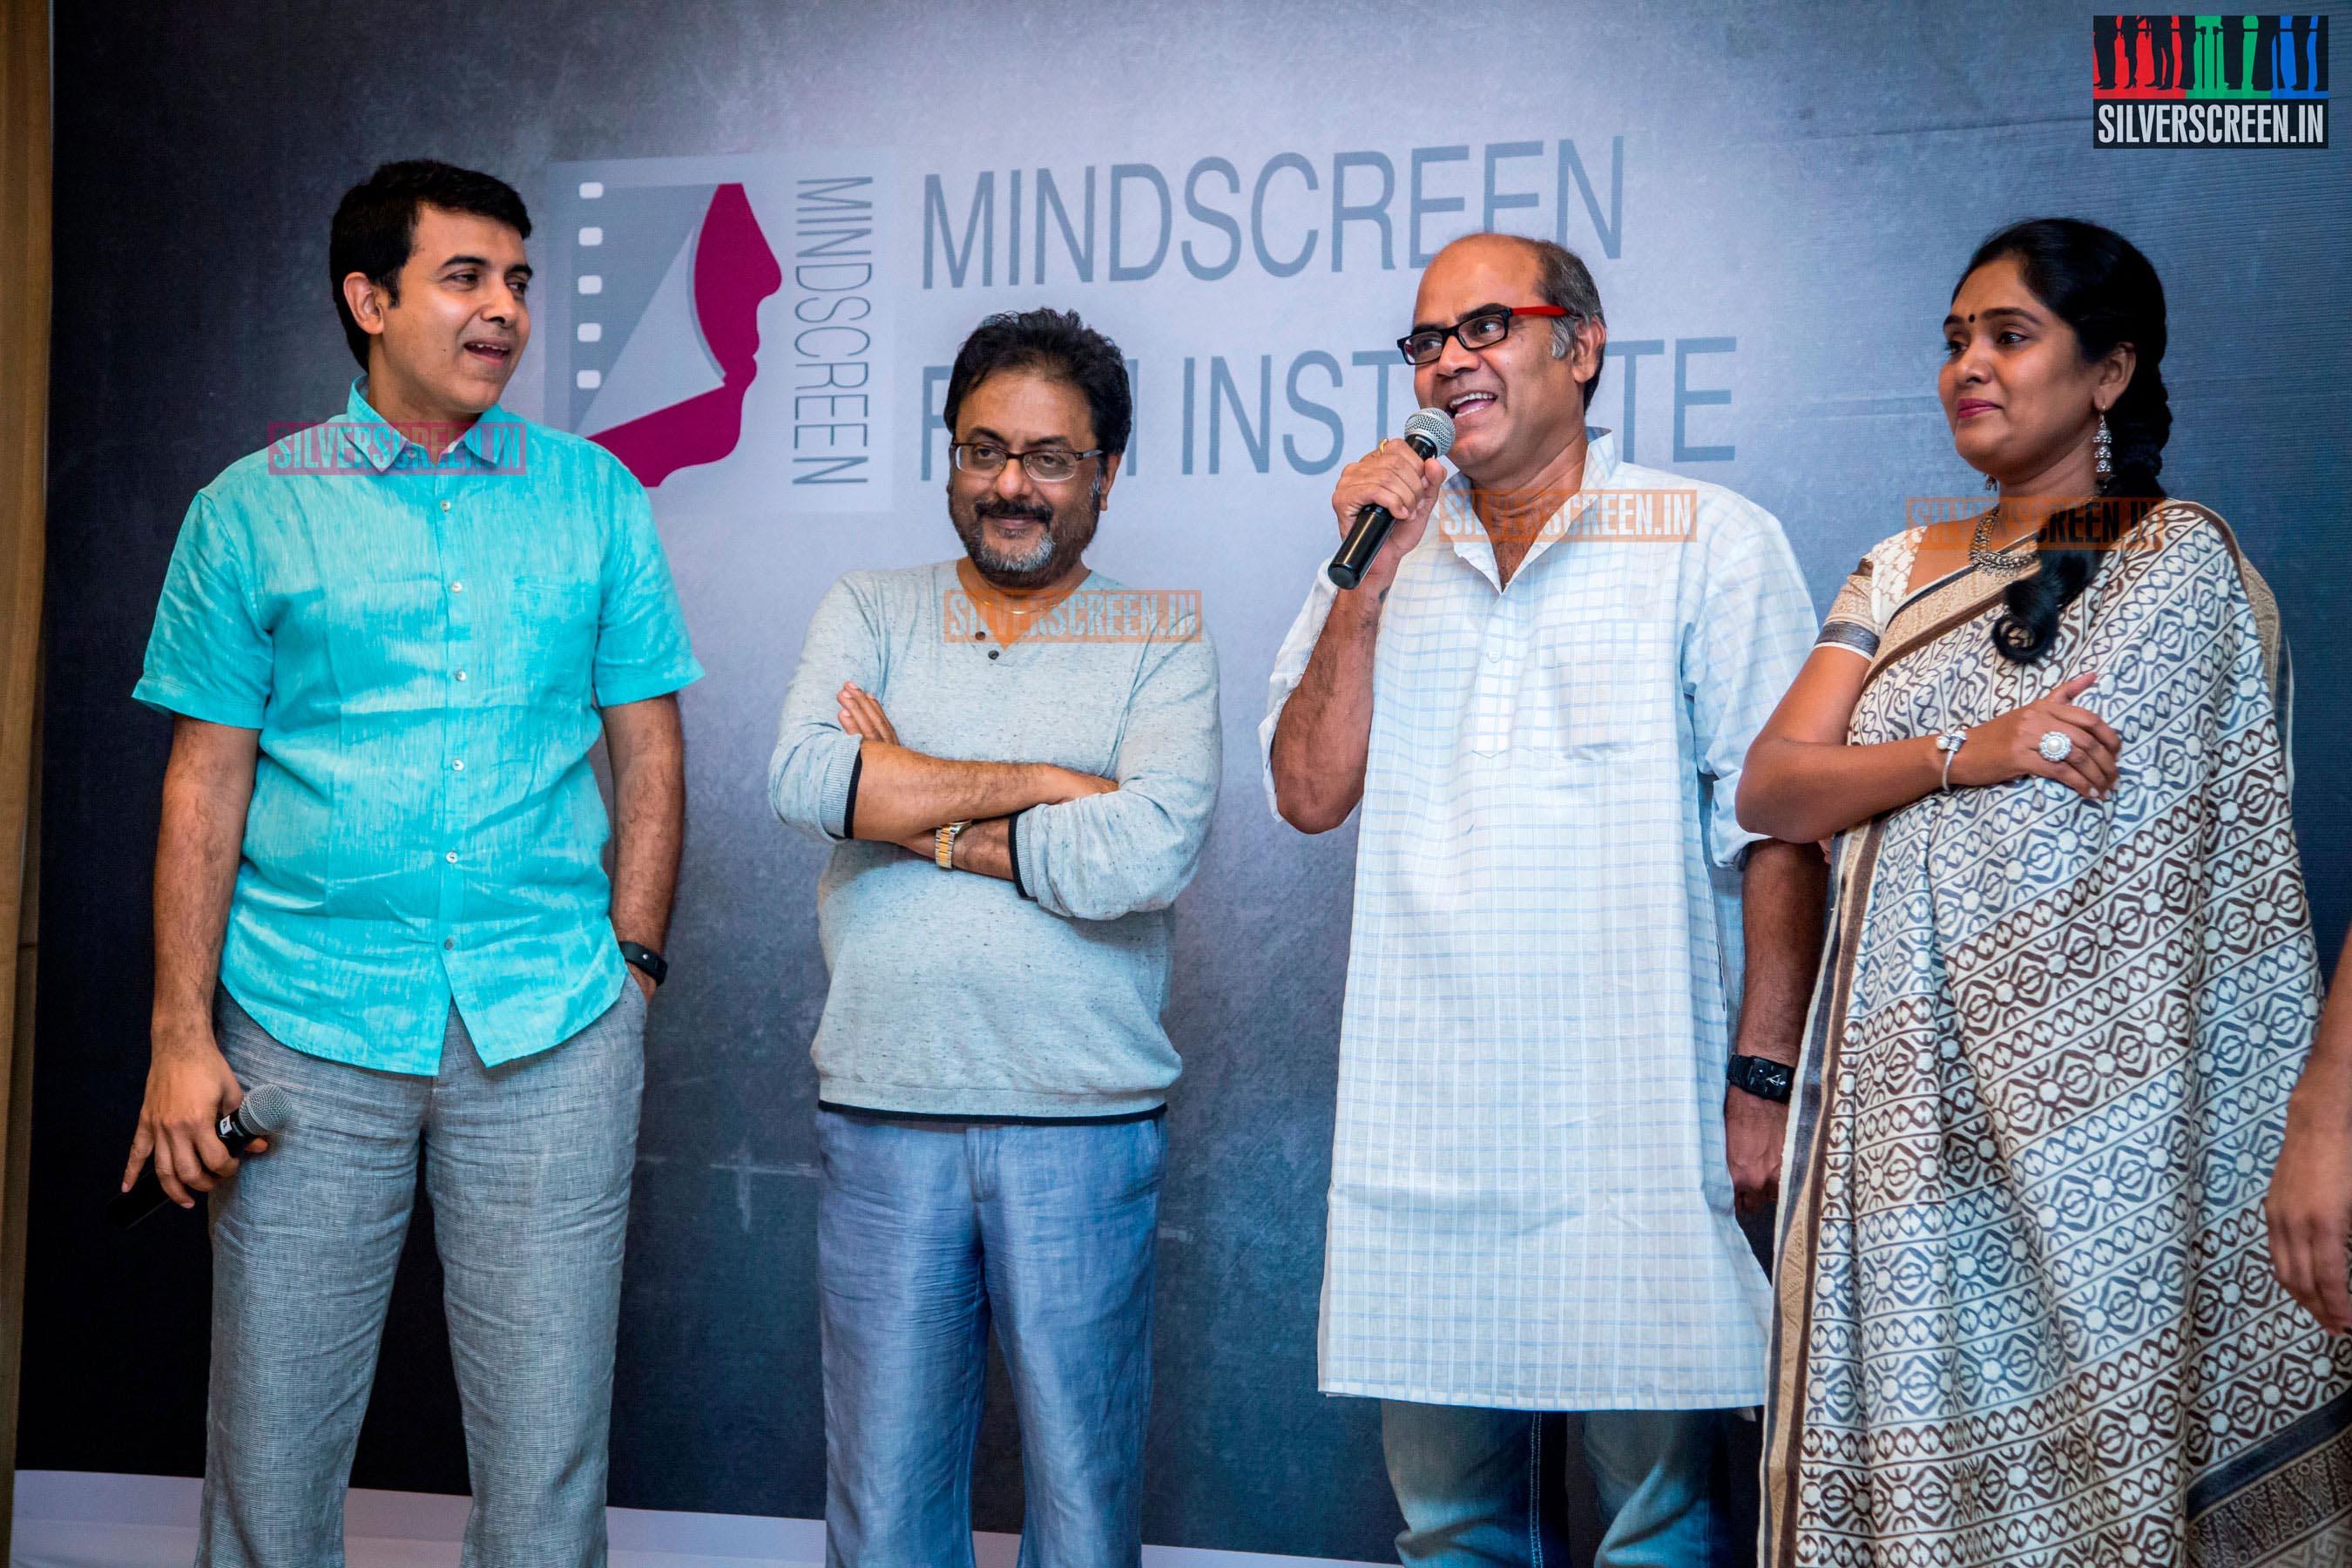 Mindscreen film institute